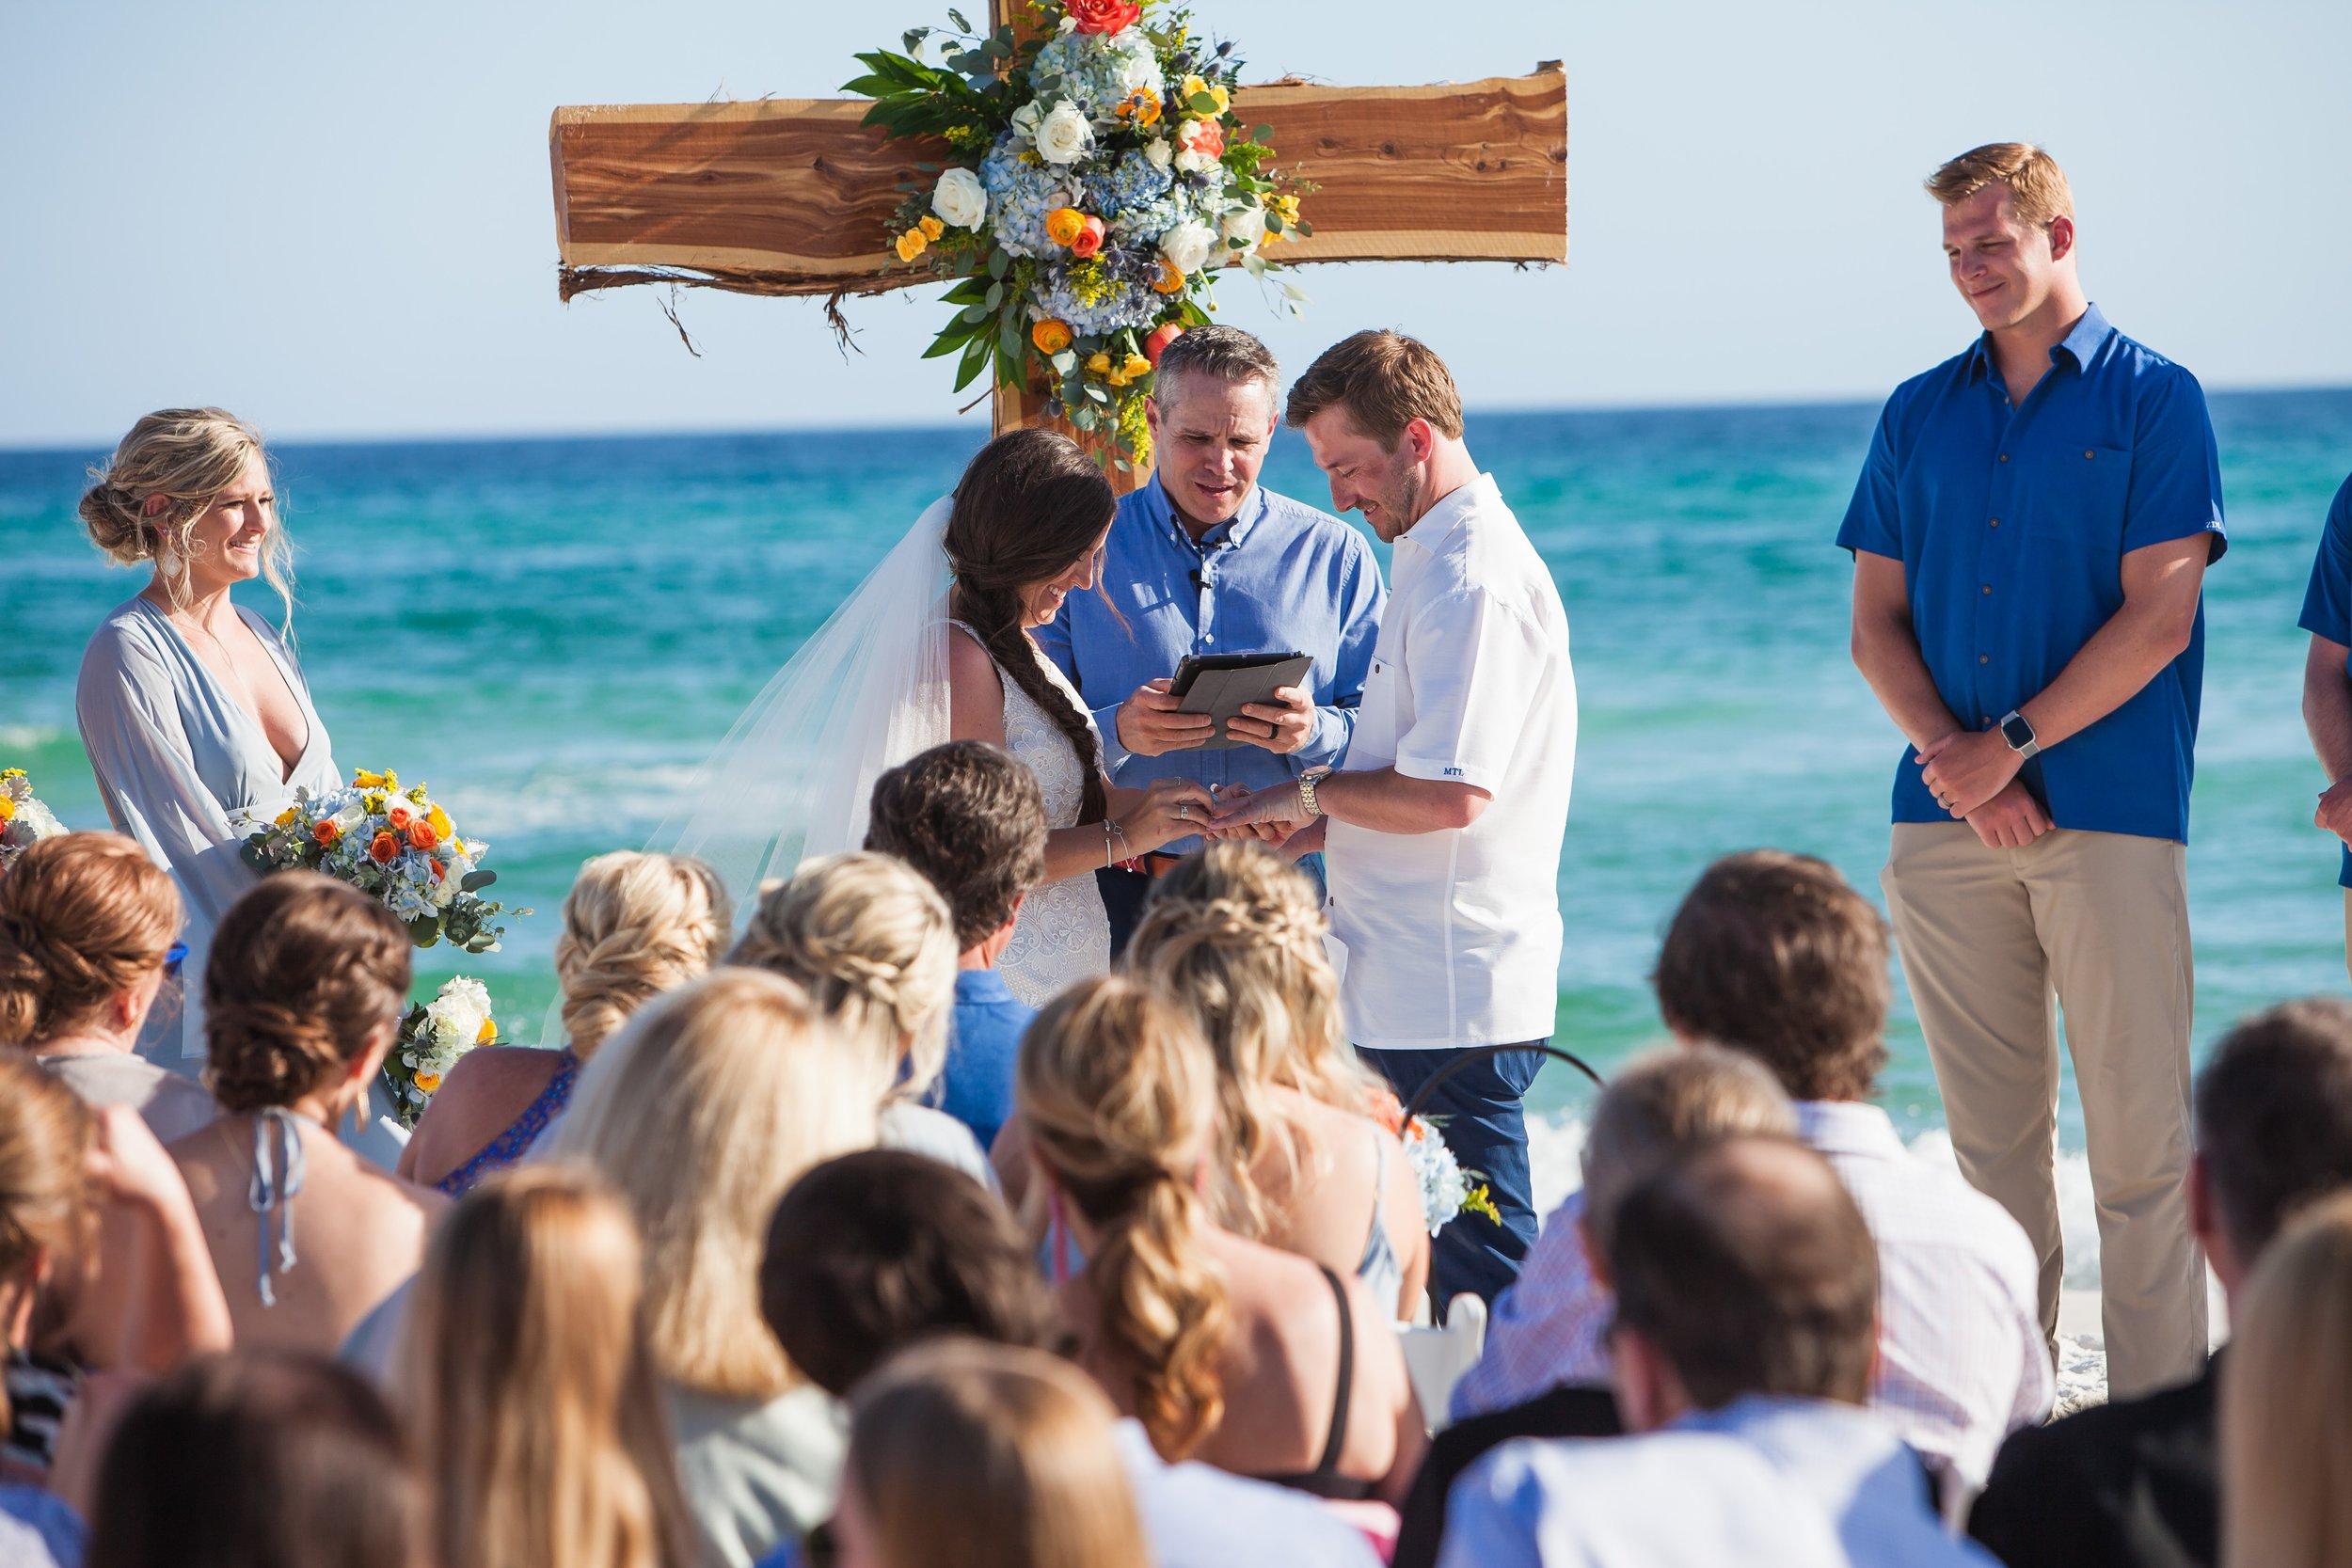 30a-Destin-Florida-Wedding-Photography-Caydee-Matt_030.jpg